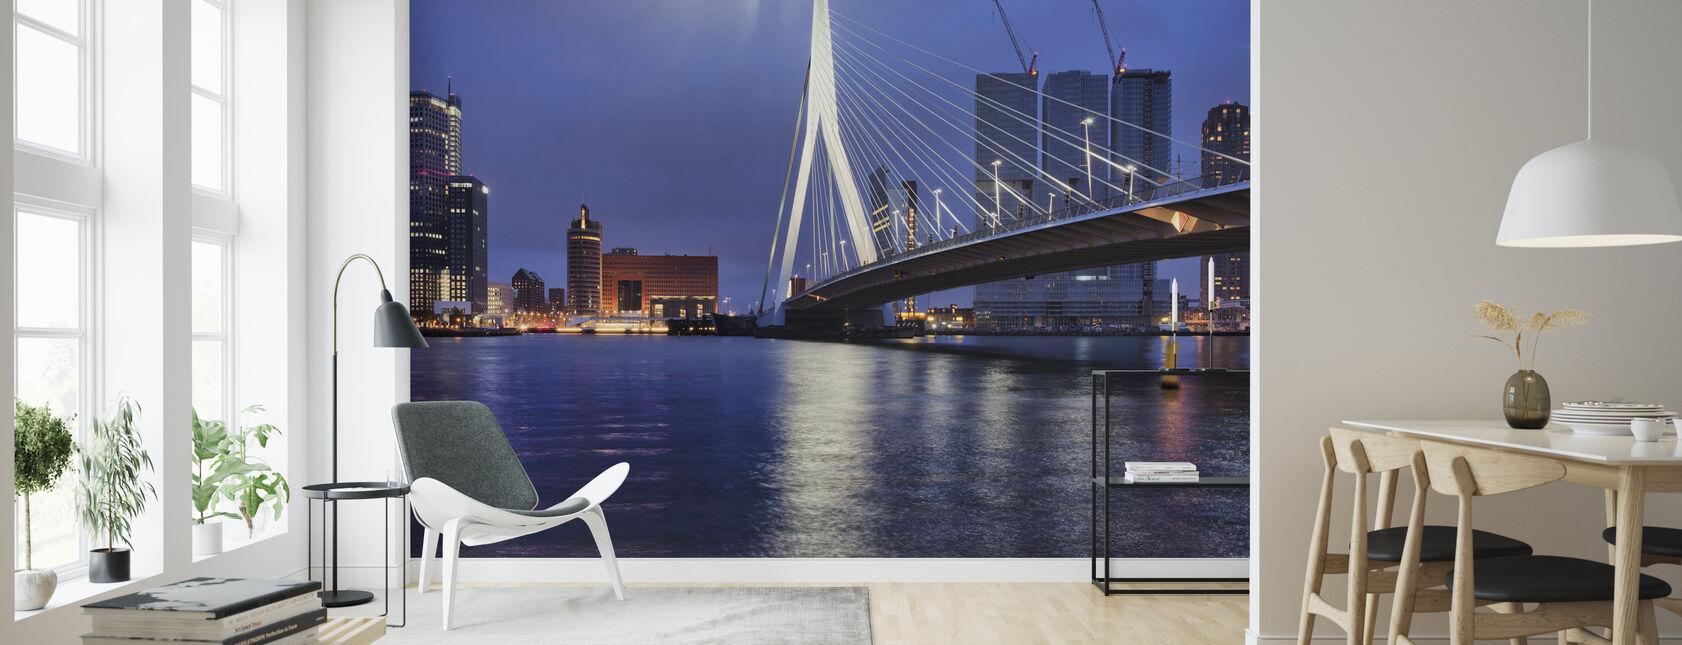 City of Rotterdam at Night - Wallpaper - Living Room